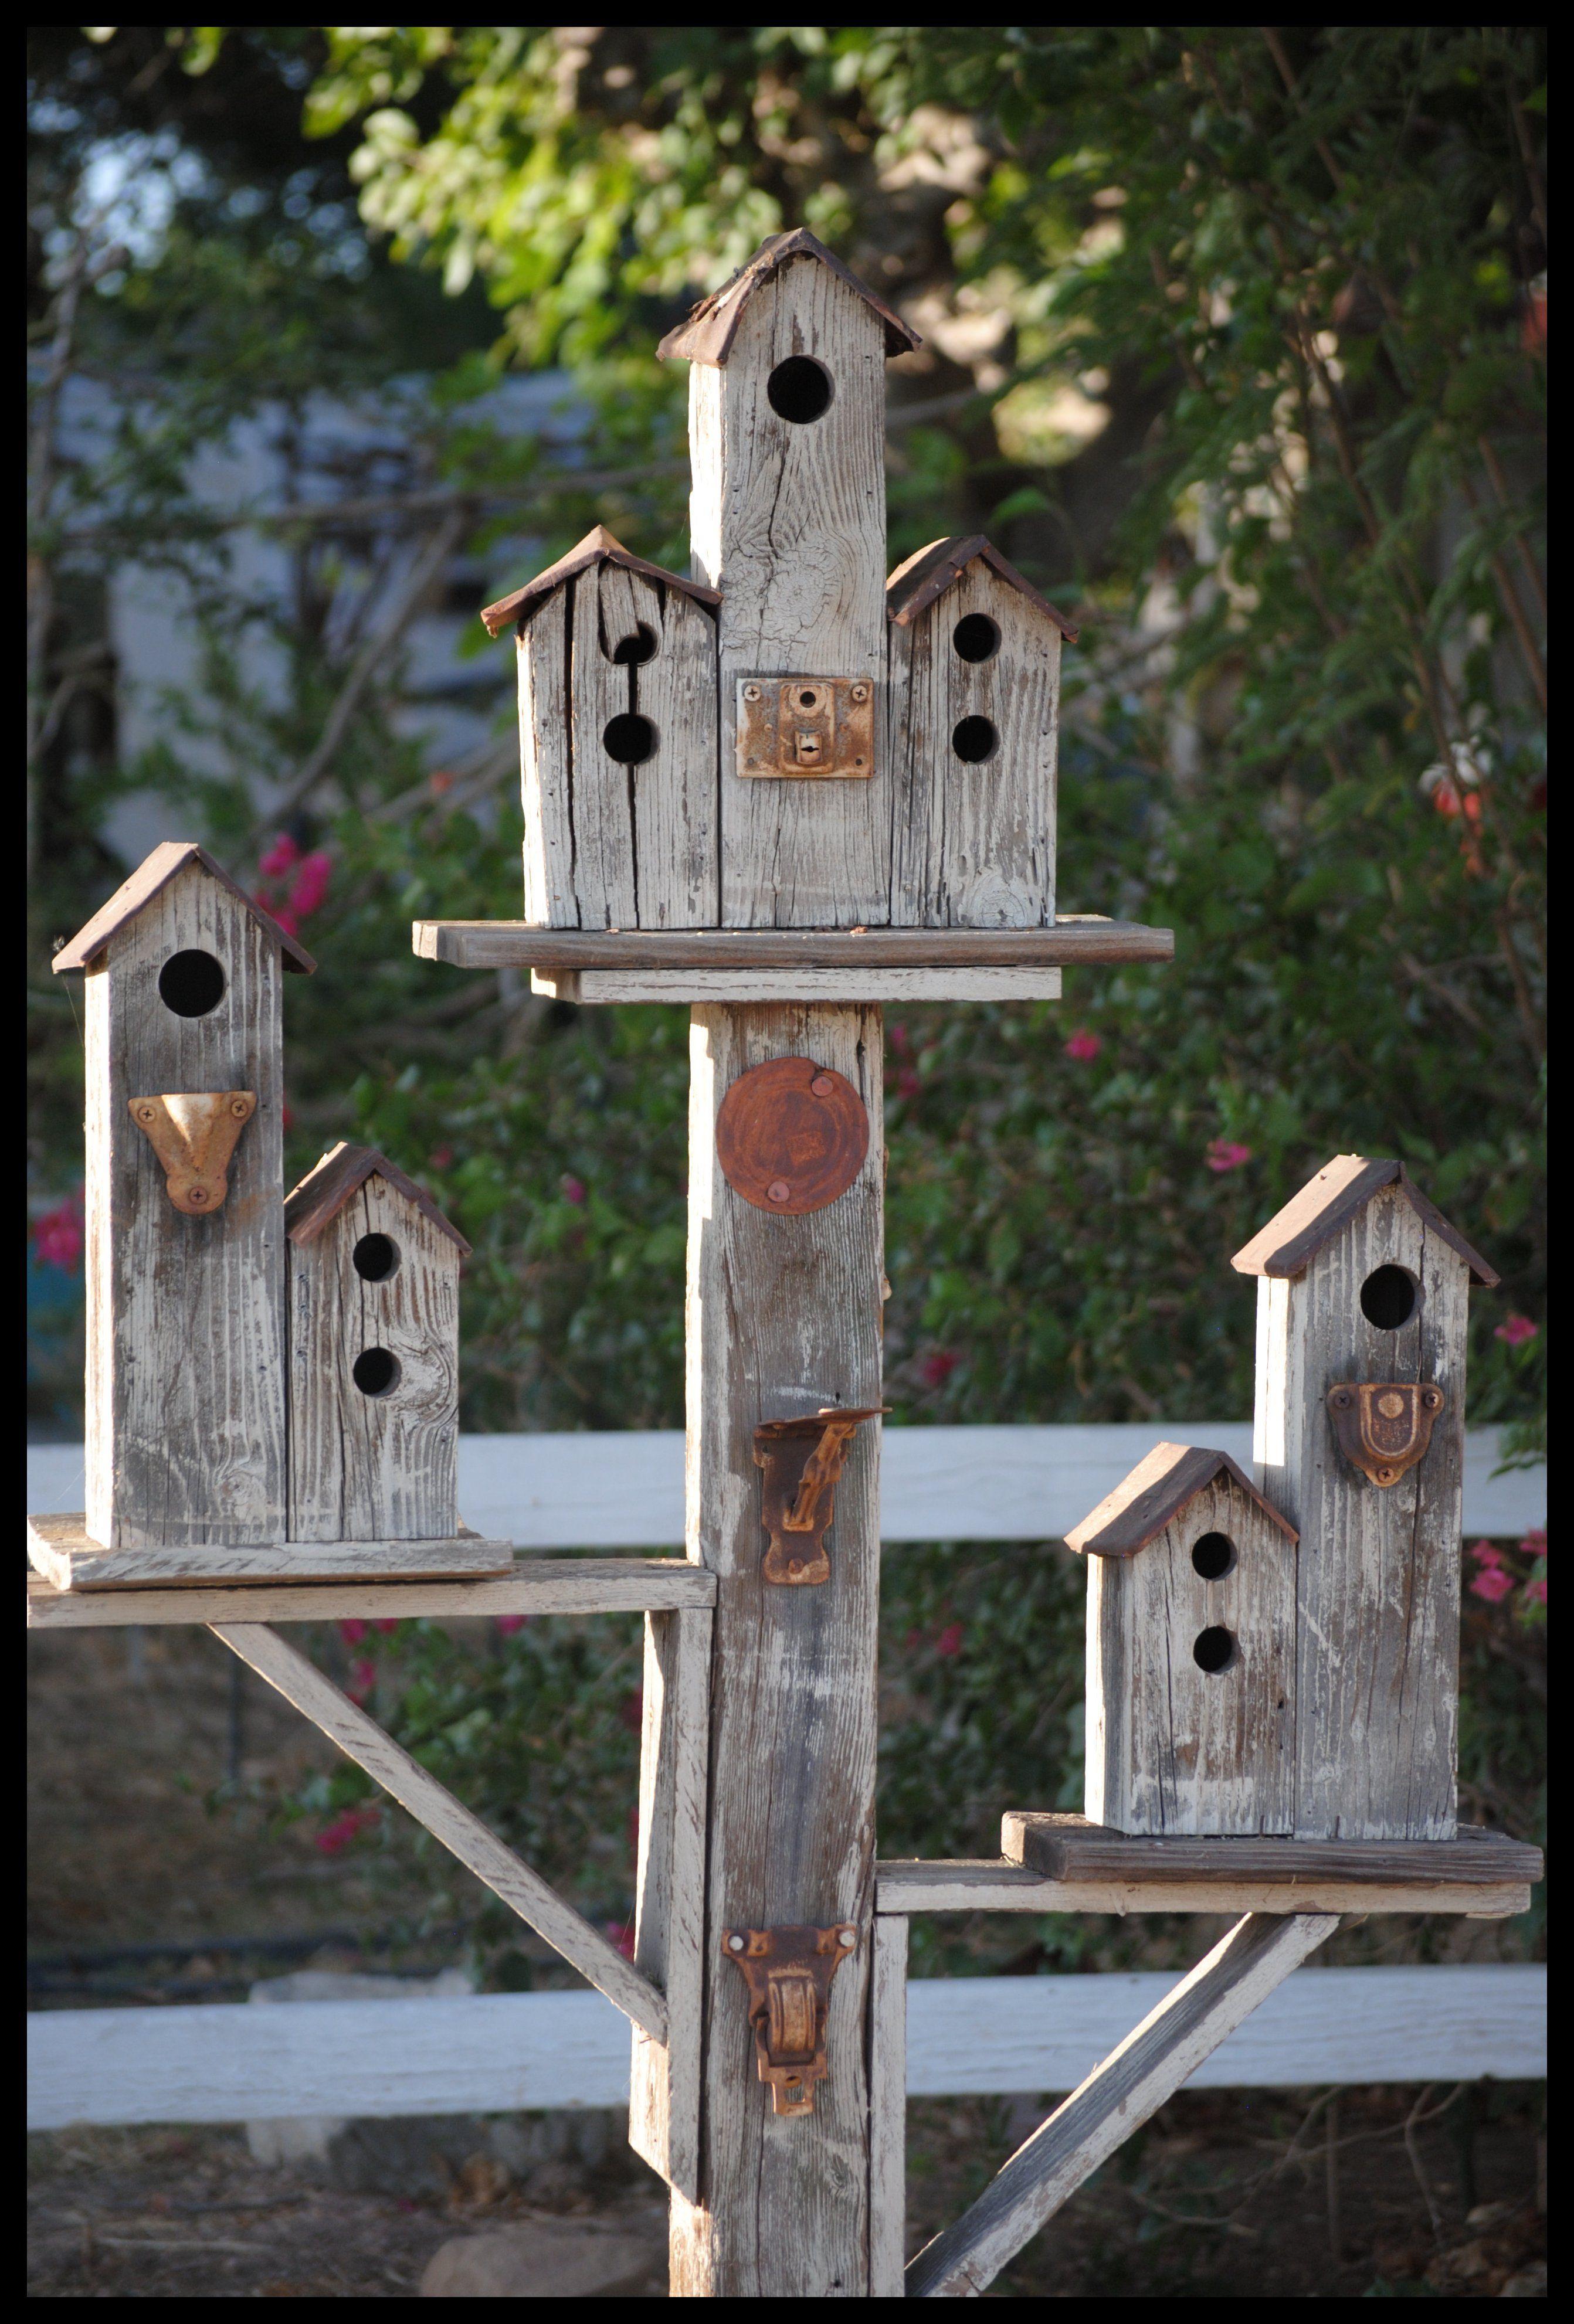 Birdhouse Designs Part - 17: 35 Beautiful Birdhouse Design Ideas